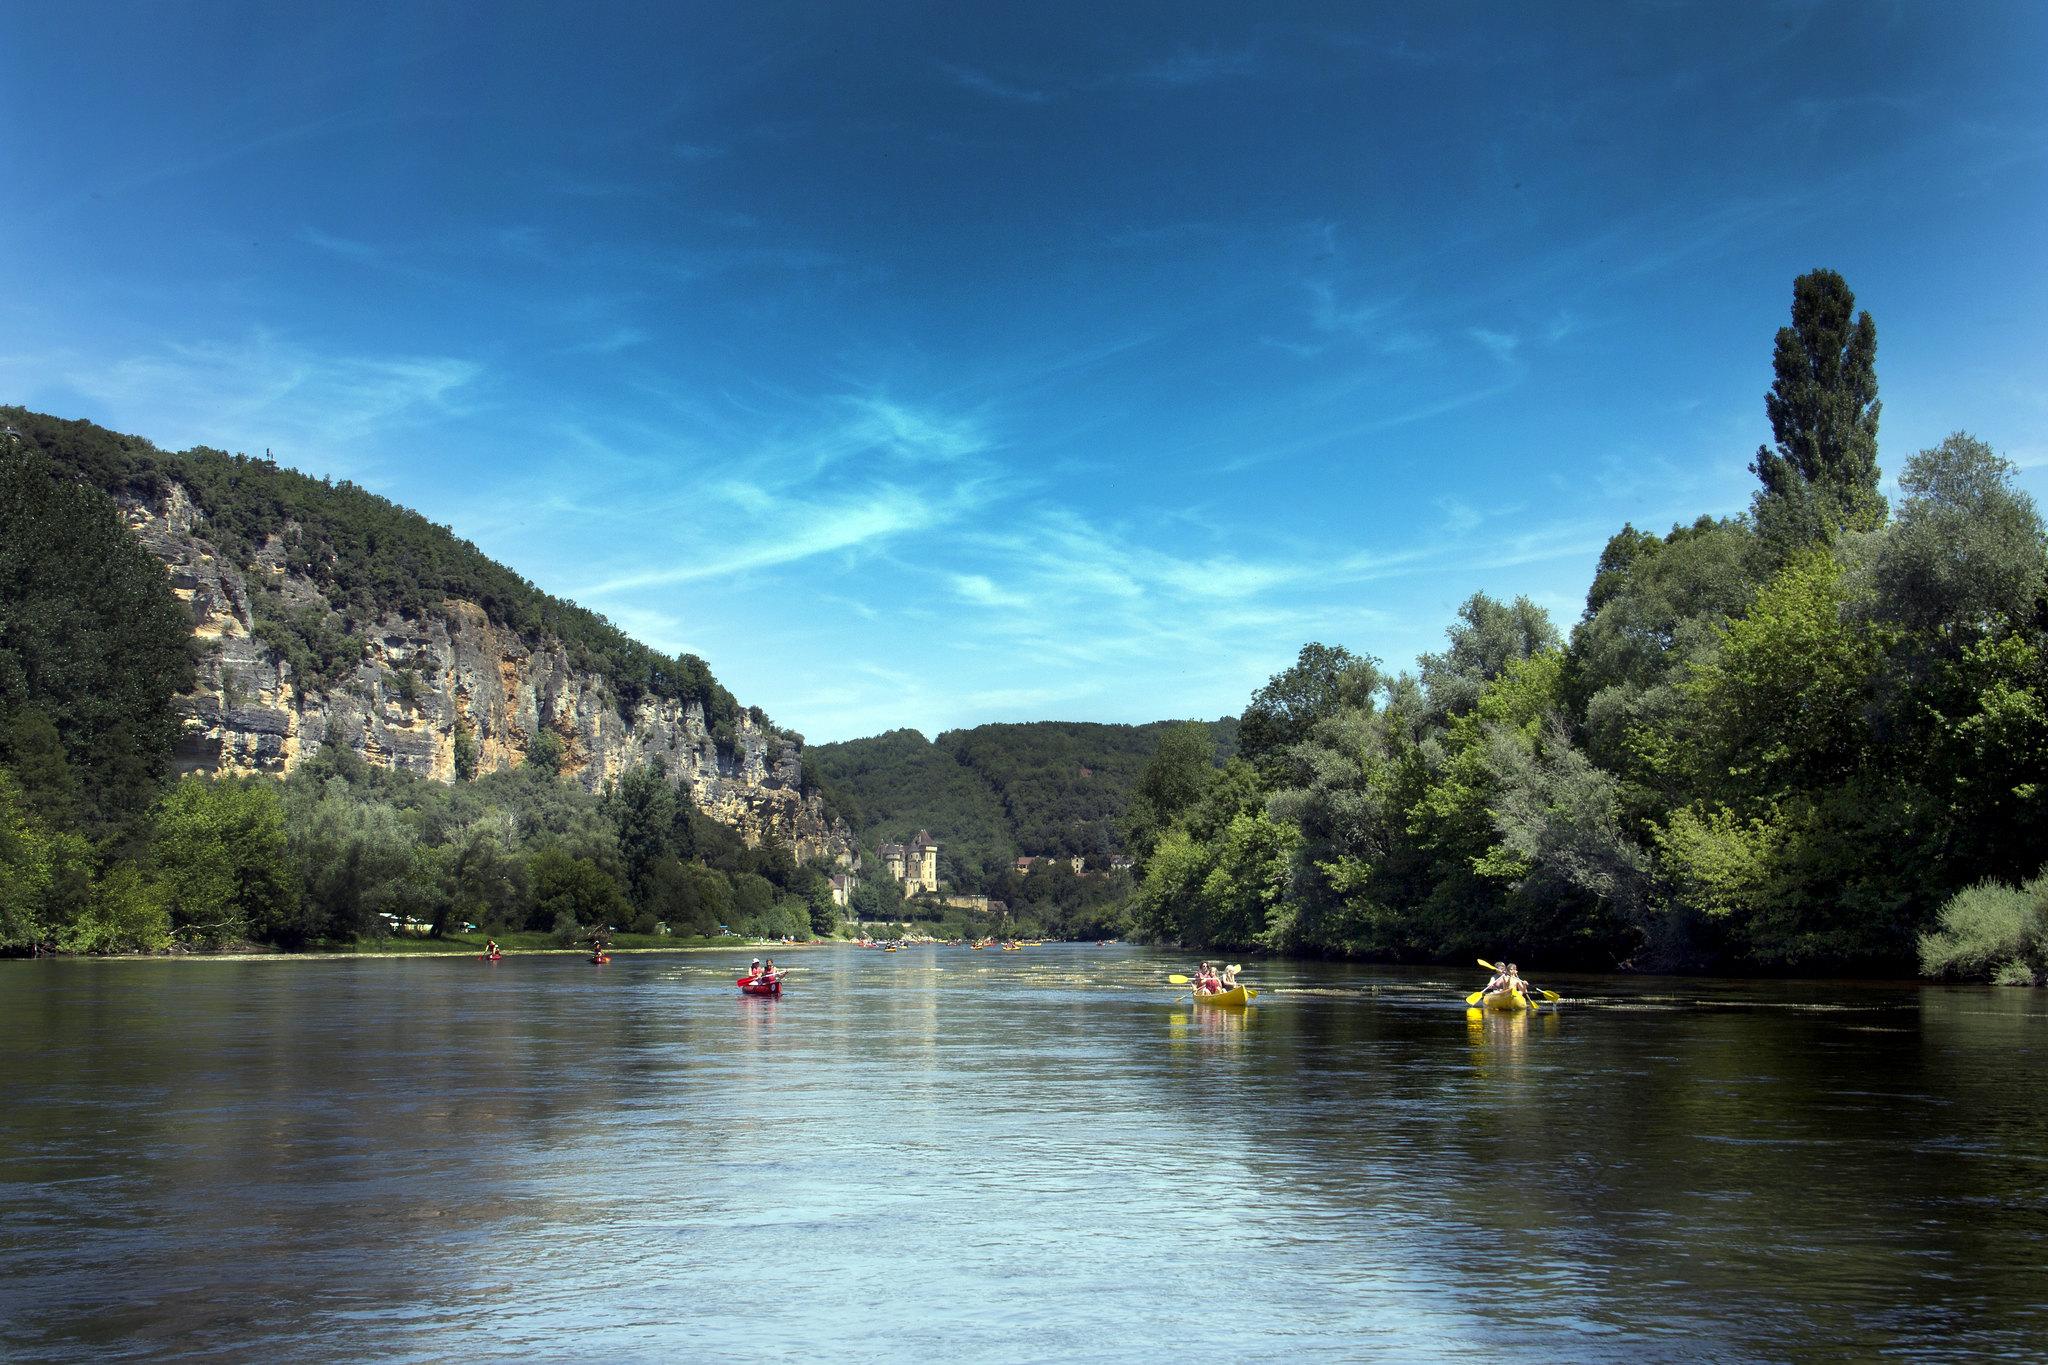 Les loisirs en Dordogne